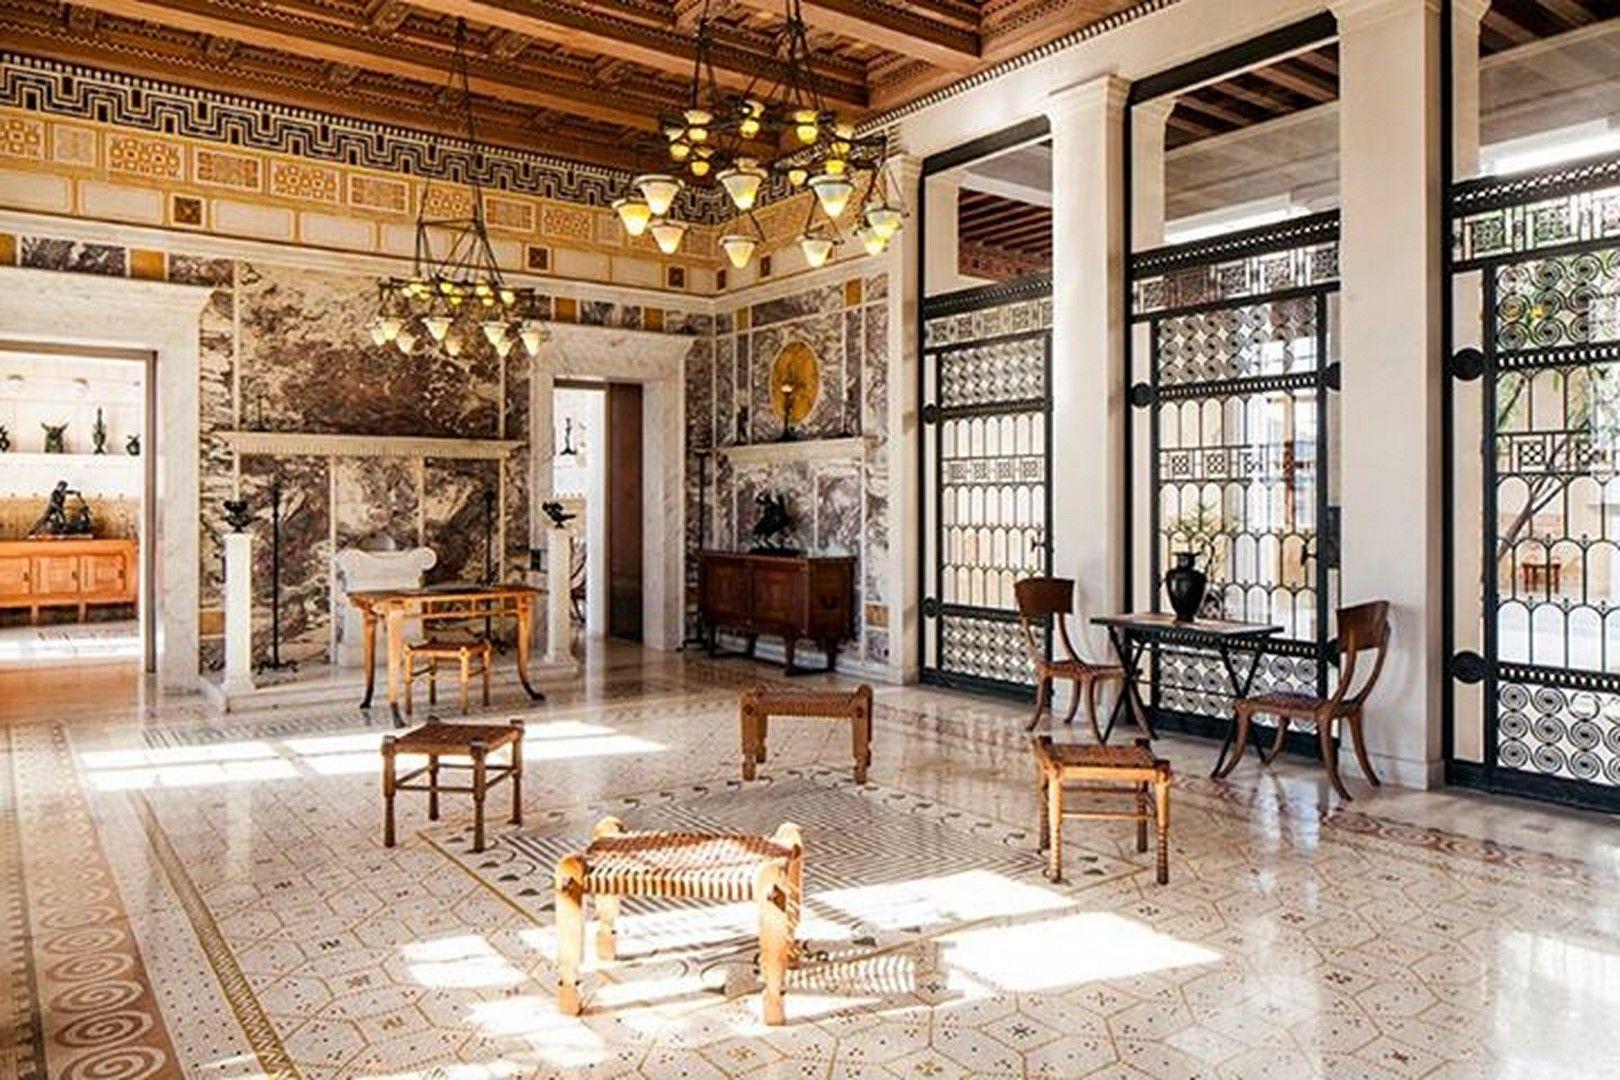 la villa kerylos beaulieu sur mer villa kerylos. Black Bedroom Furniture Sets. Home Design Ideas